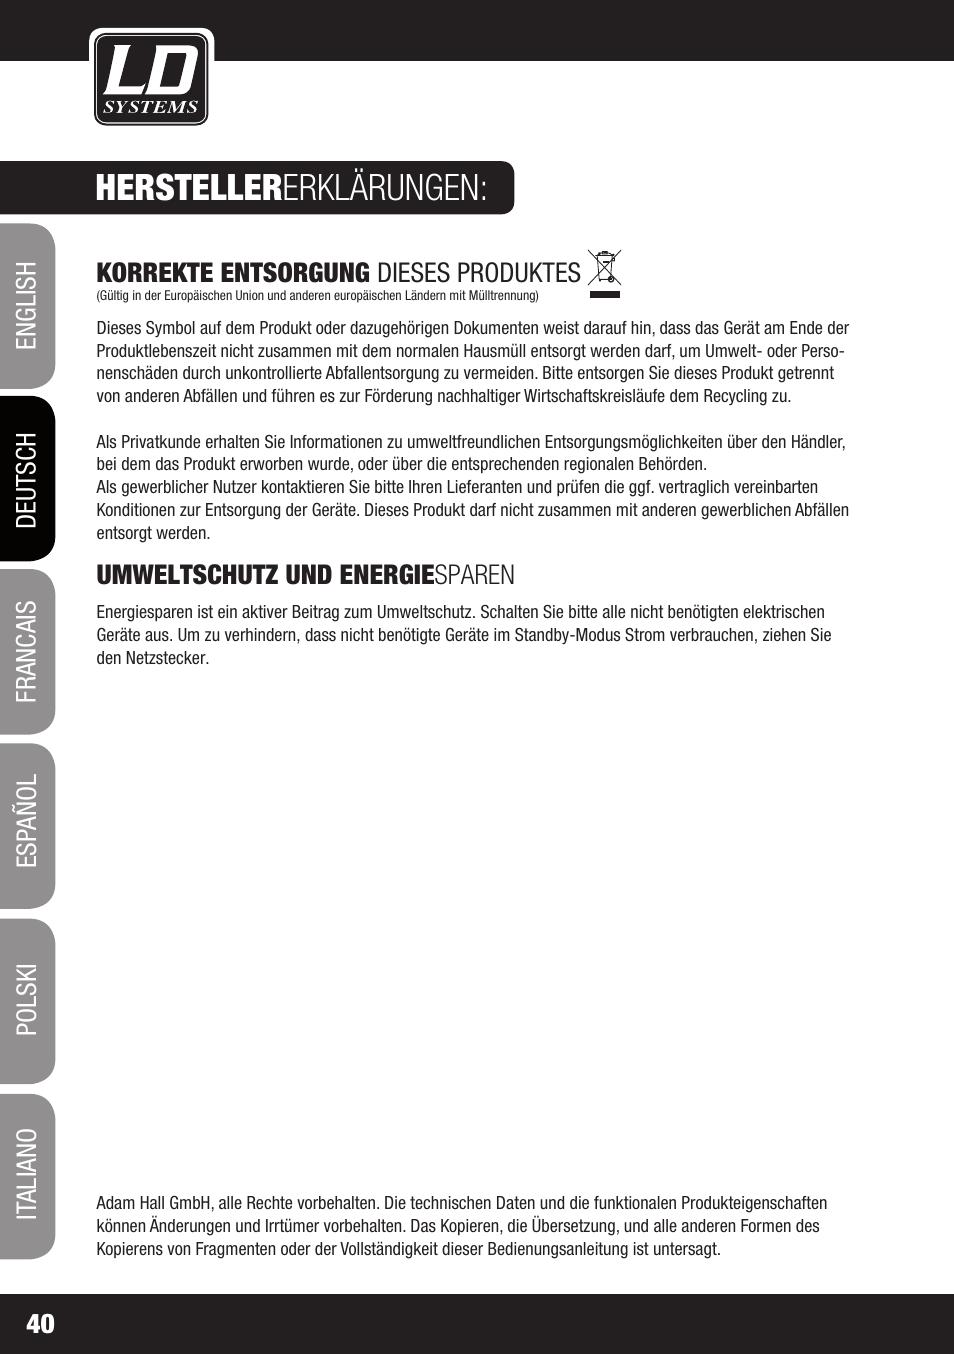 Hersteller erklärungen   LD Systems MAUI 28 MIX User Manual   Page ...